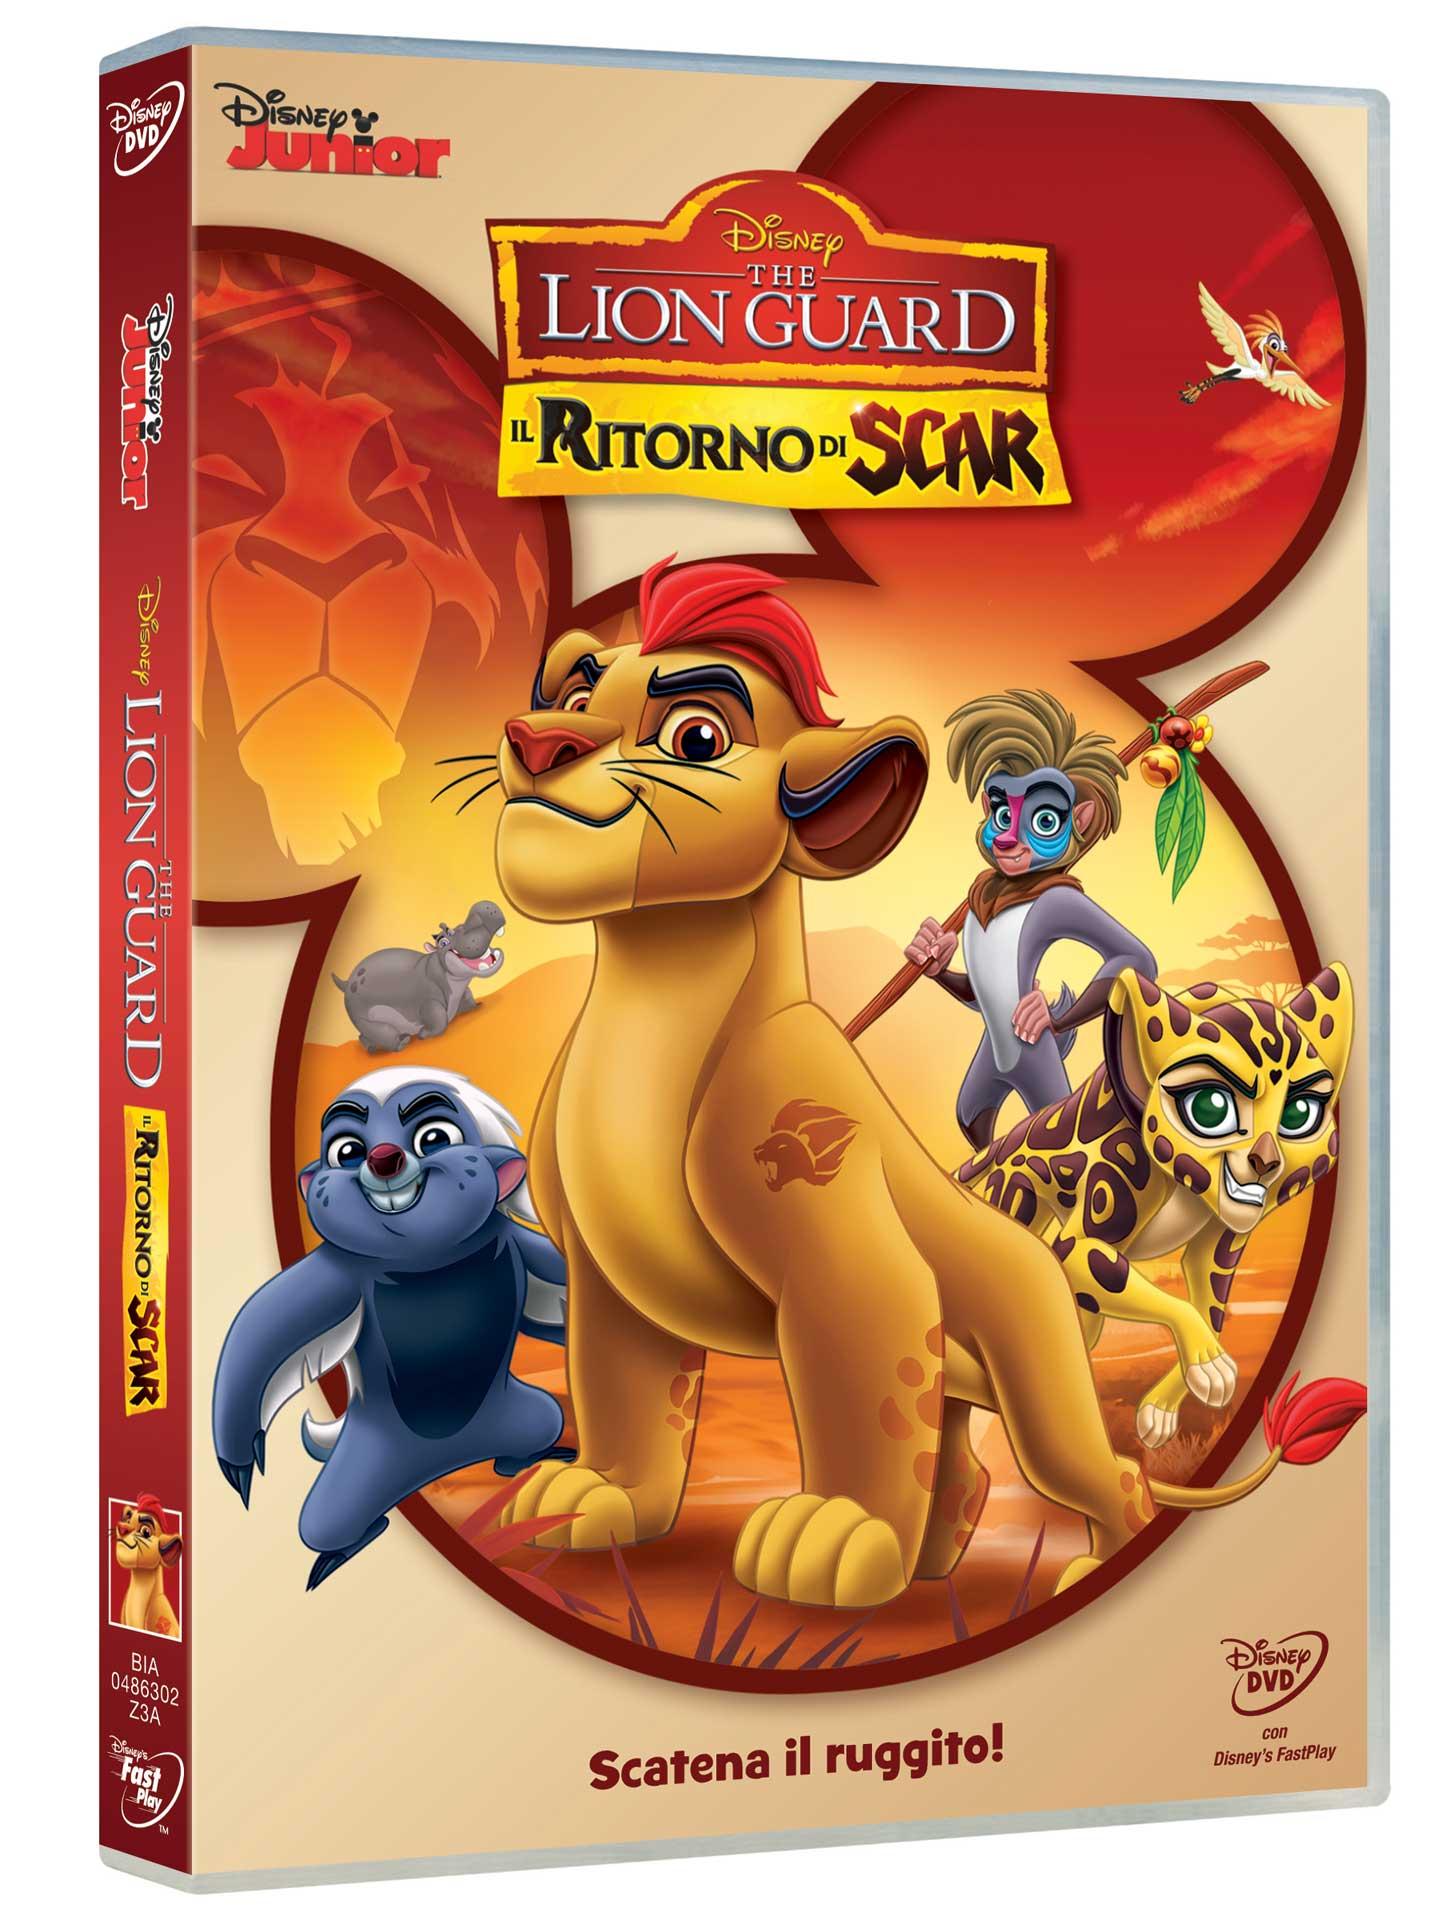 THE LION GUARD - IL RITORNO DI SCAR (DVD)